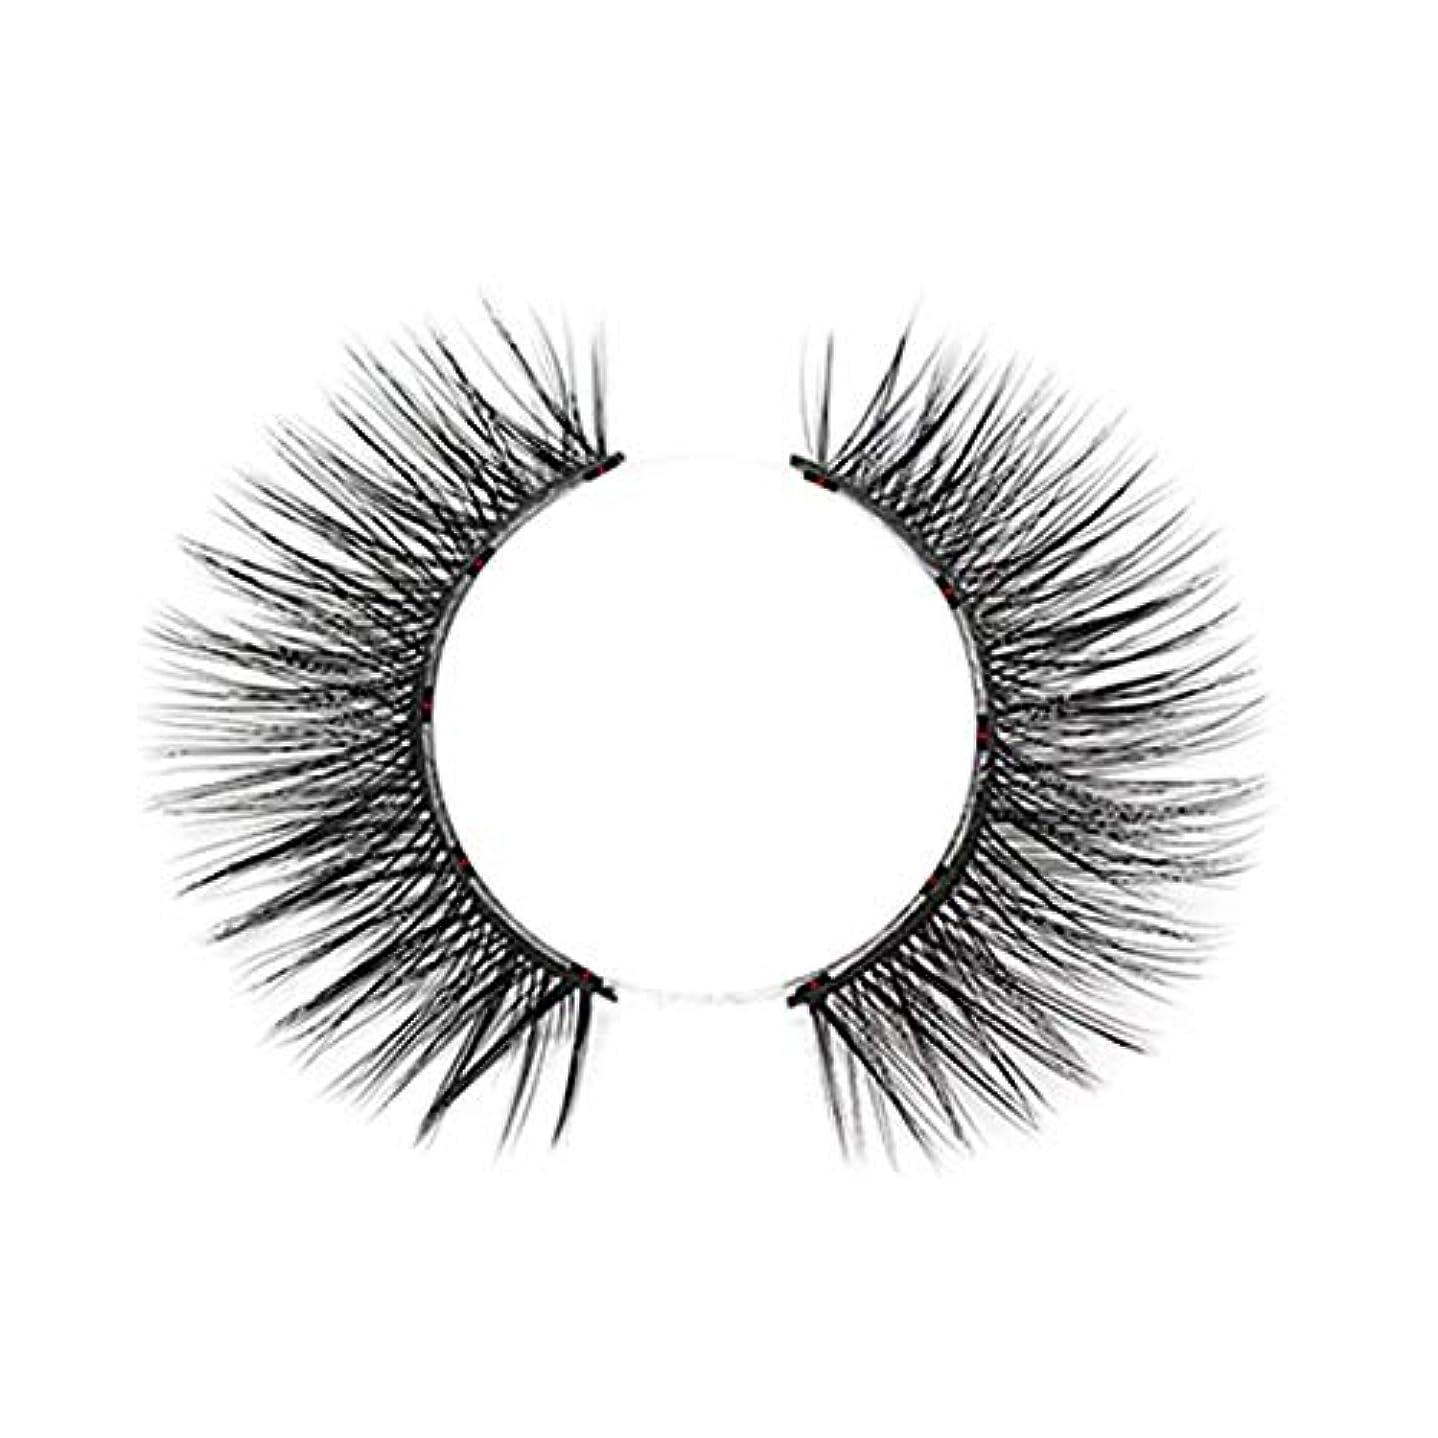 不定火すべきTOOGOO 1セット磁気つけまつげ 防水防汚性手作り 着やすい まつげ女性の化粧まつ毛 ダイヤモンド